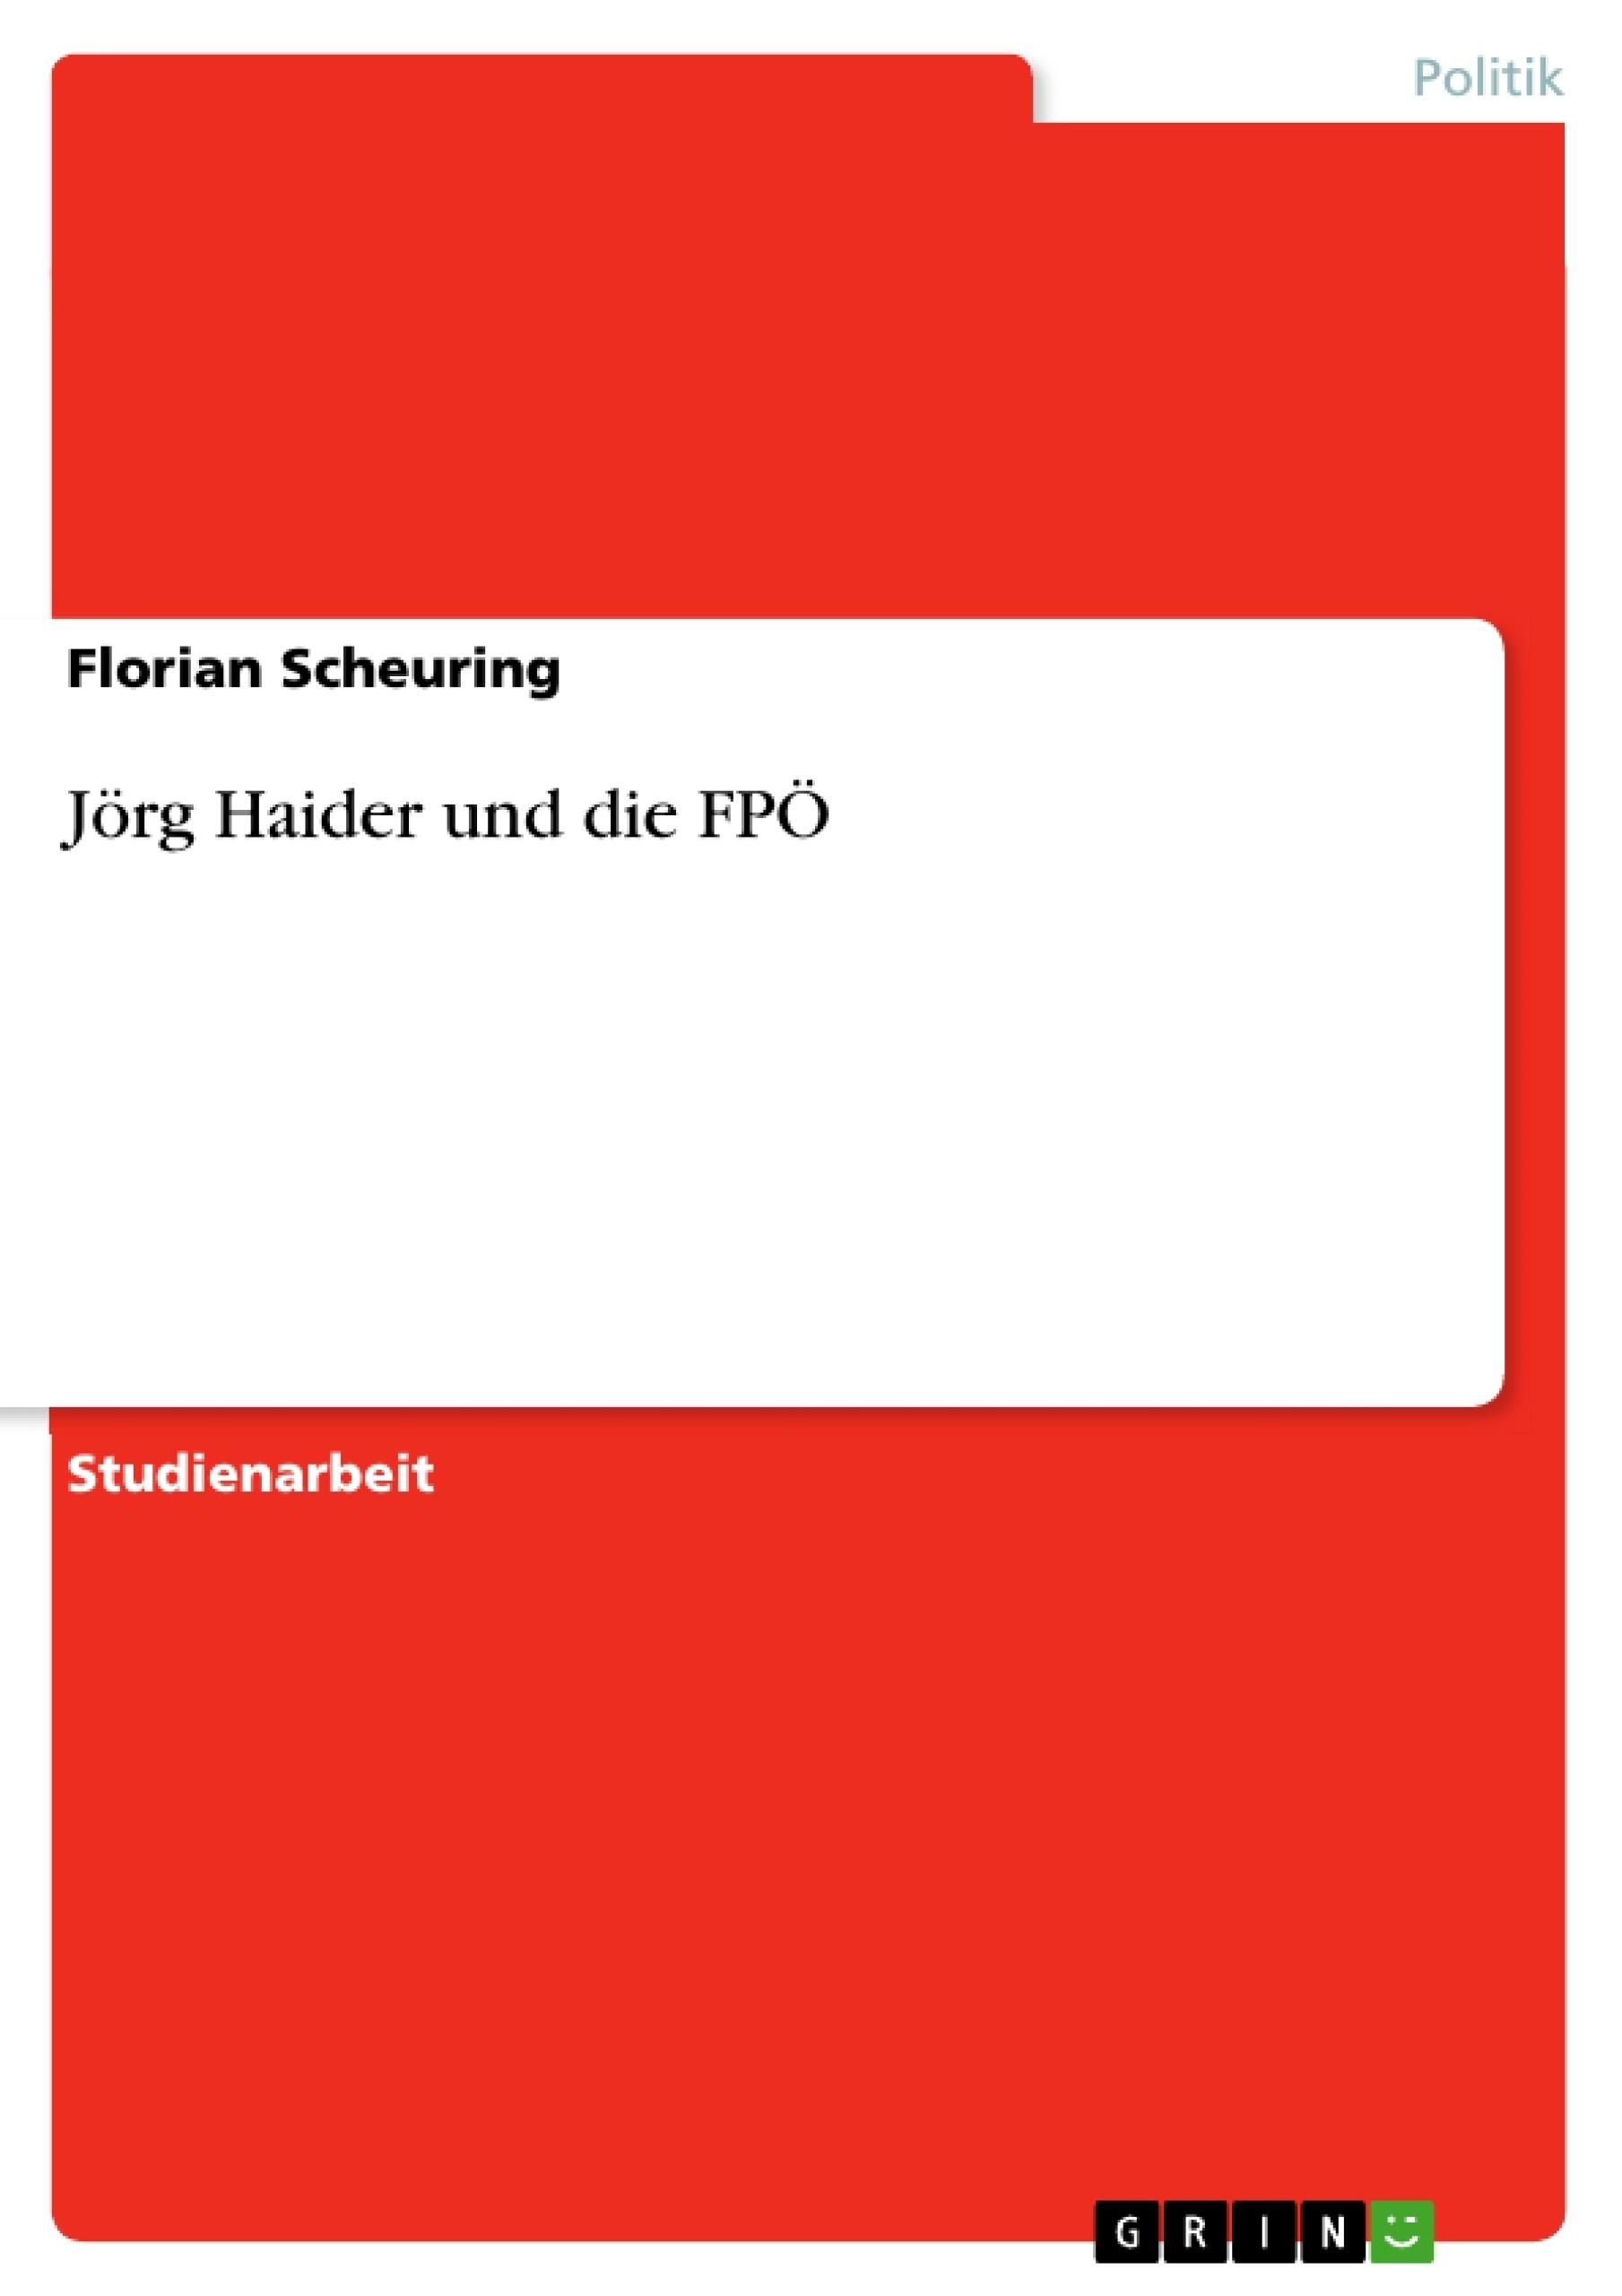 Titel: Jörg Haider und die FPÖ